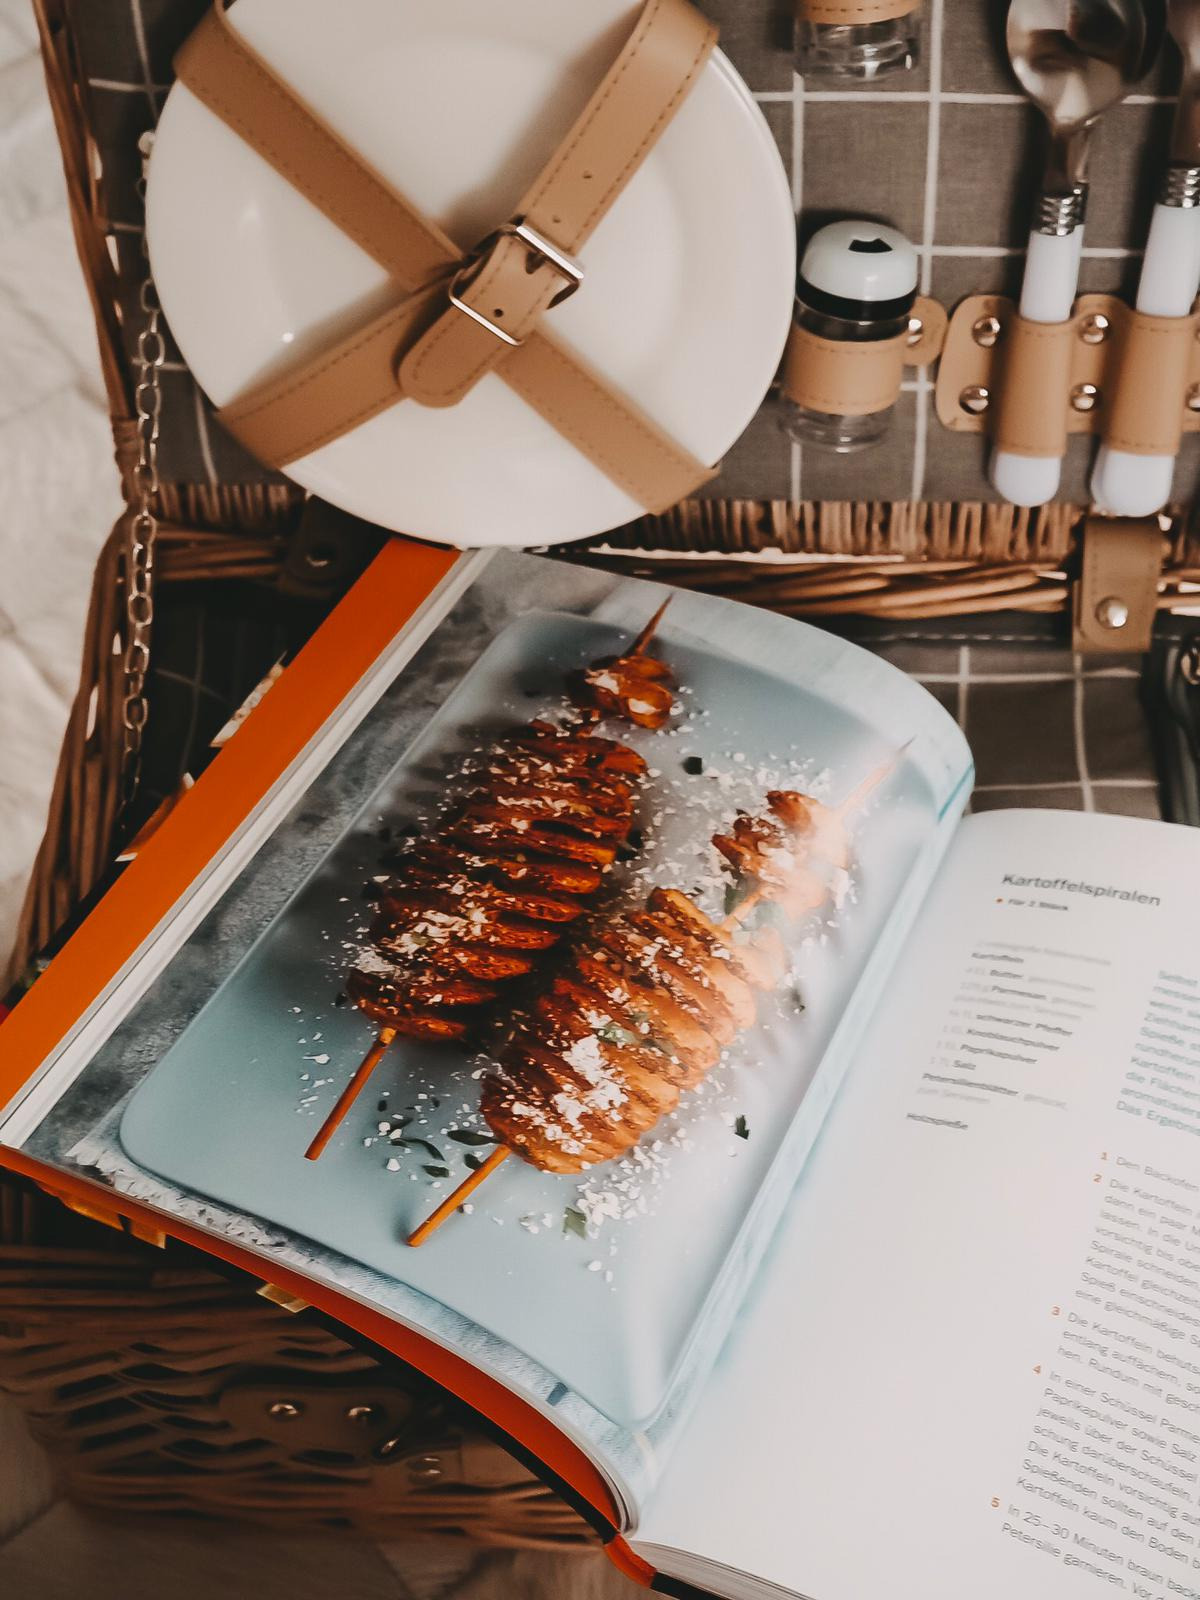 Heute zeige ich euch meine aktuellen Lieblingskochbücher ausführlich : Fast Food mit Tasty und Slowfood mit Immergrün von Mikkel Karstad auf meinem Blog.